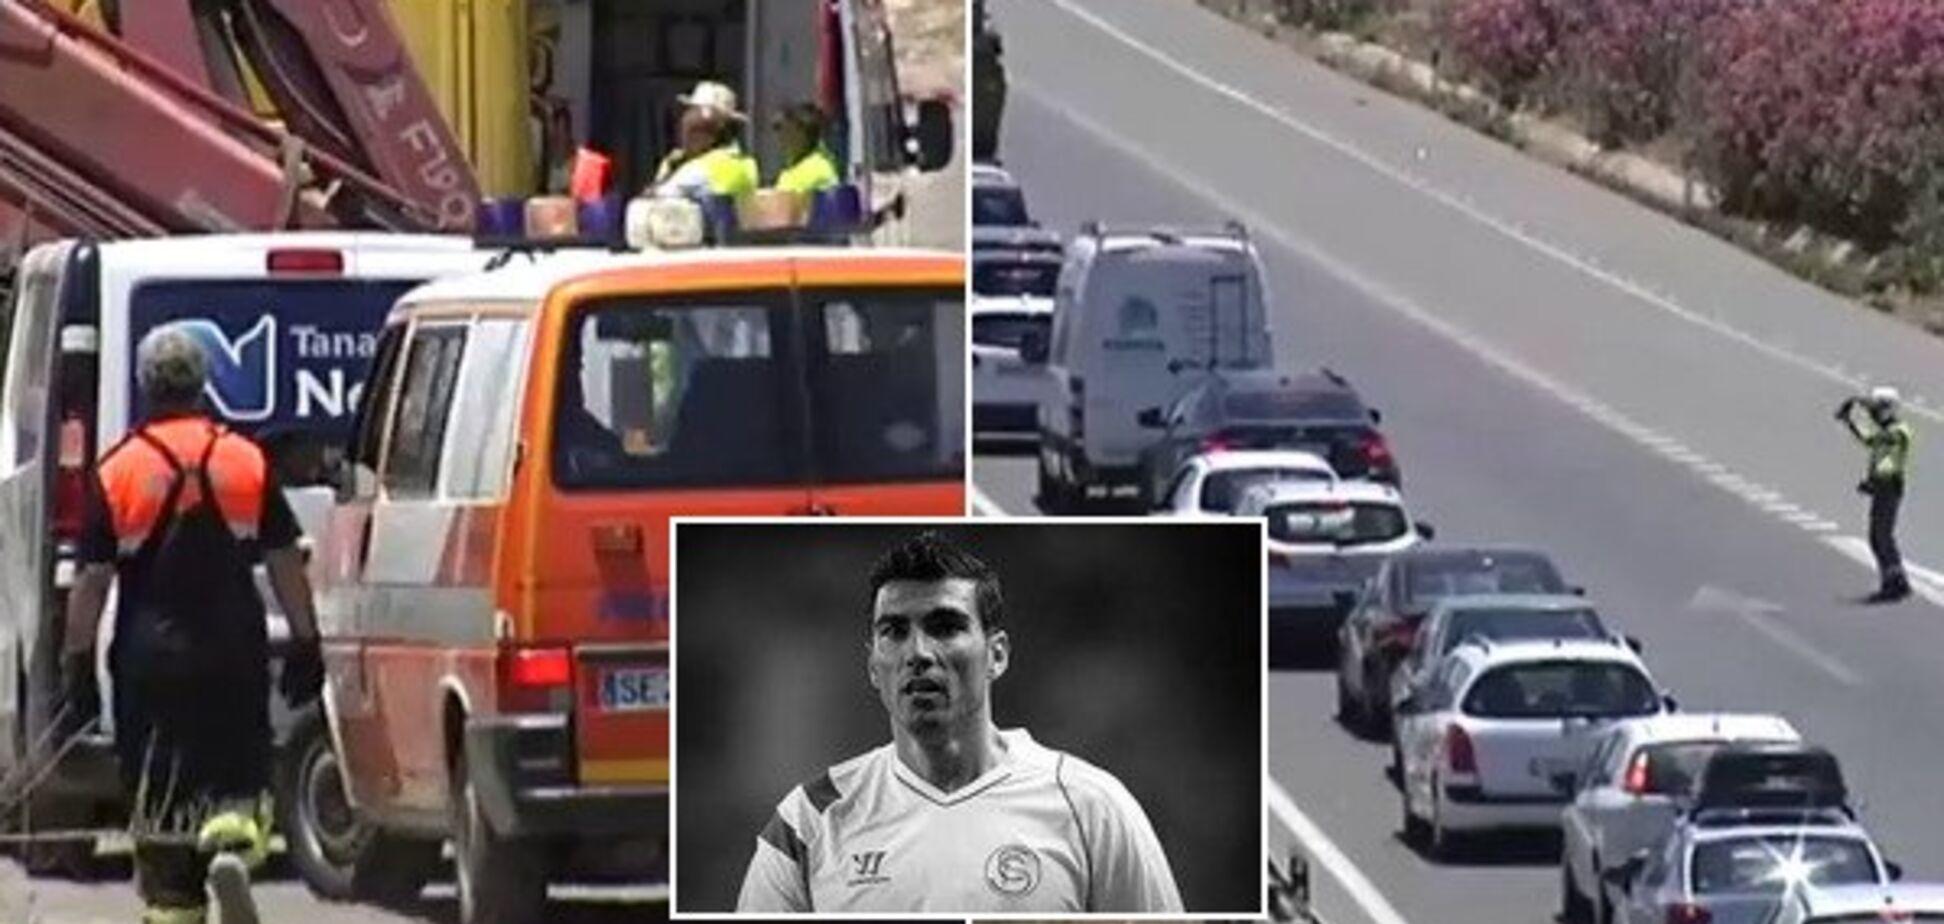 Стали известны подробности гибели легендарного футболиста в Испании: опубликовано видео